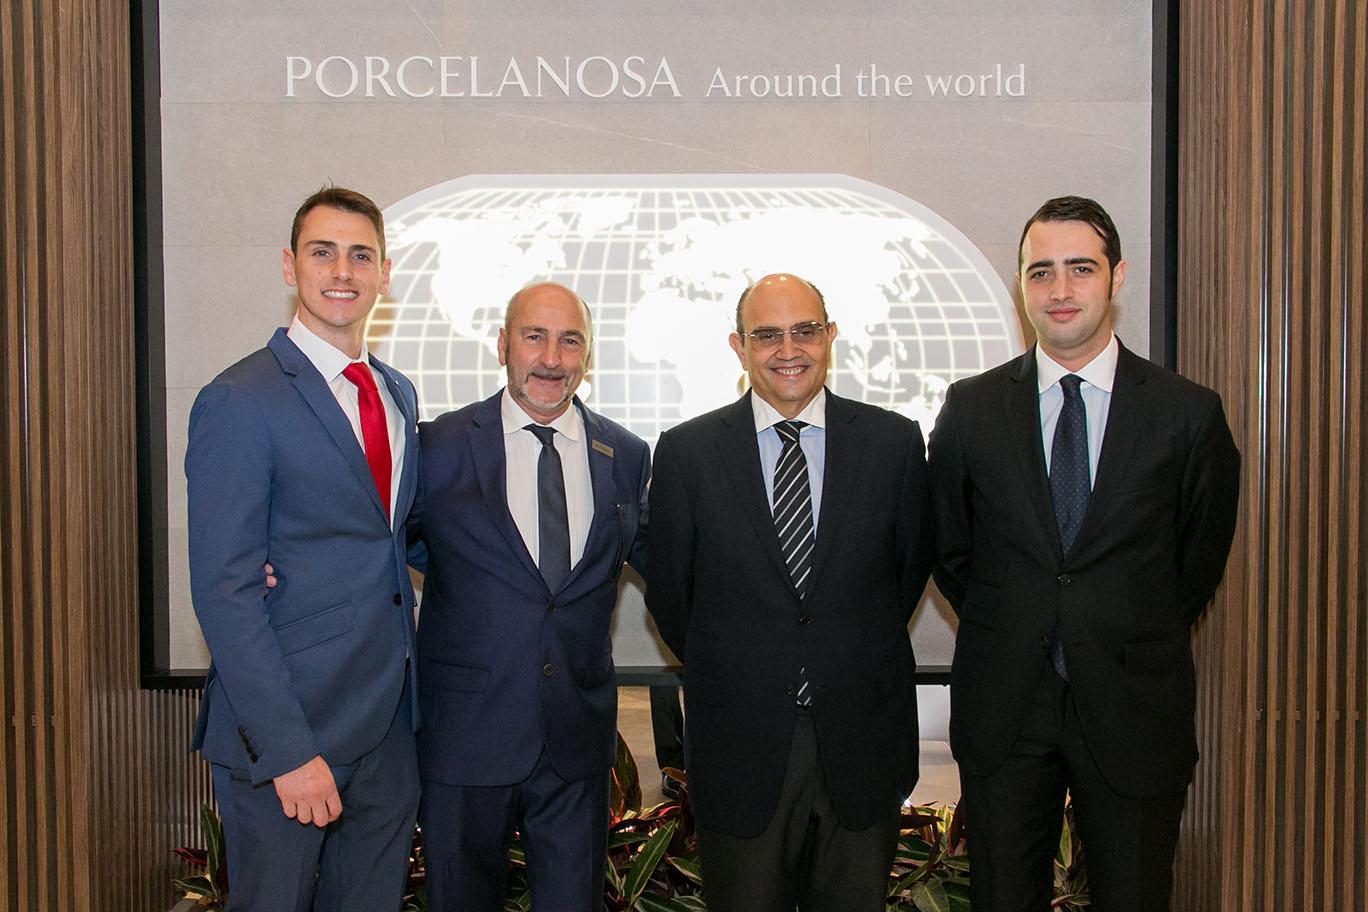 O sócio-diretor da Porcelanosa Brasil, Fernando Marinelli, e seu pai, Nelson Marinelli, Silvestre Segarra e seu filho e diretor do grupo, José María Segarra.